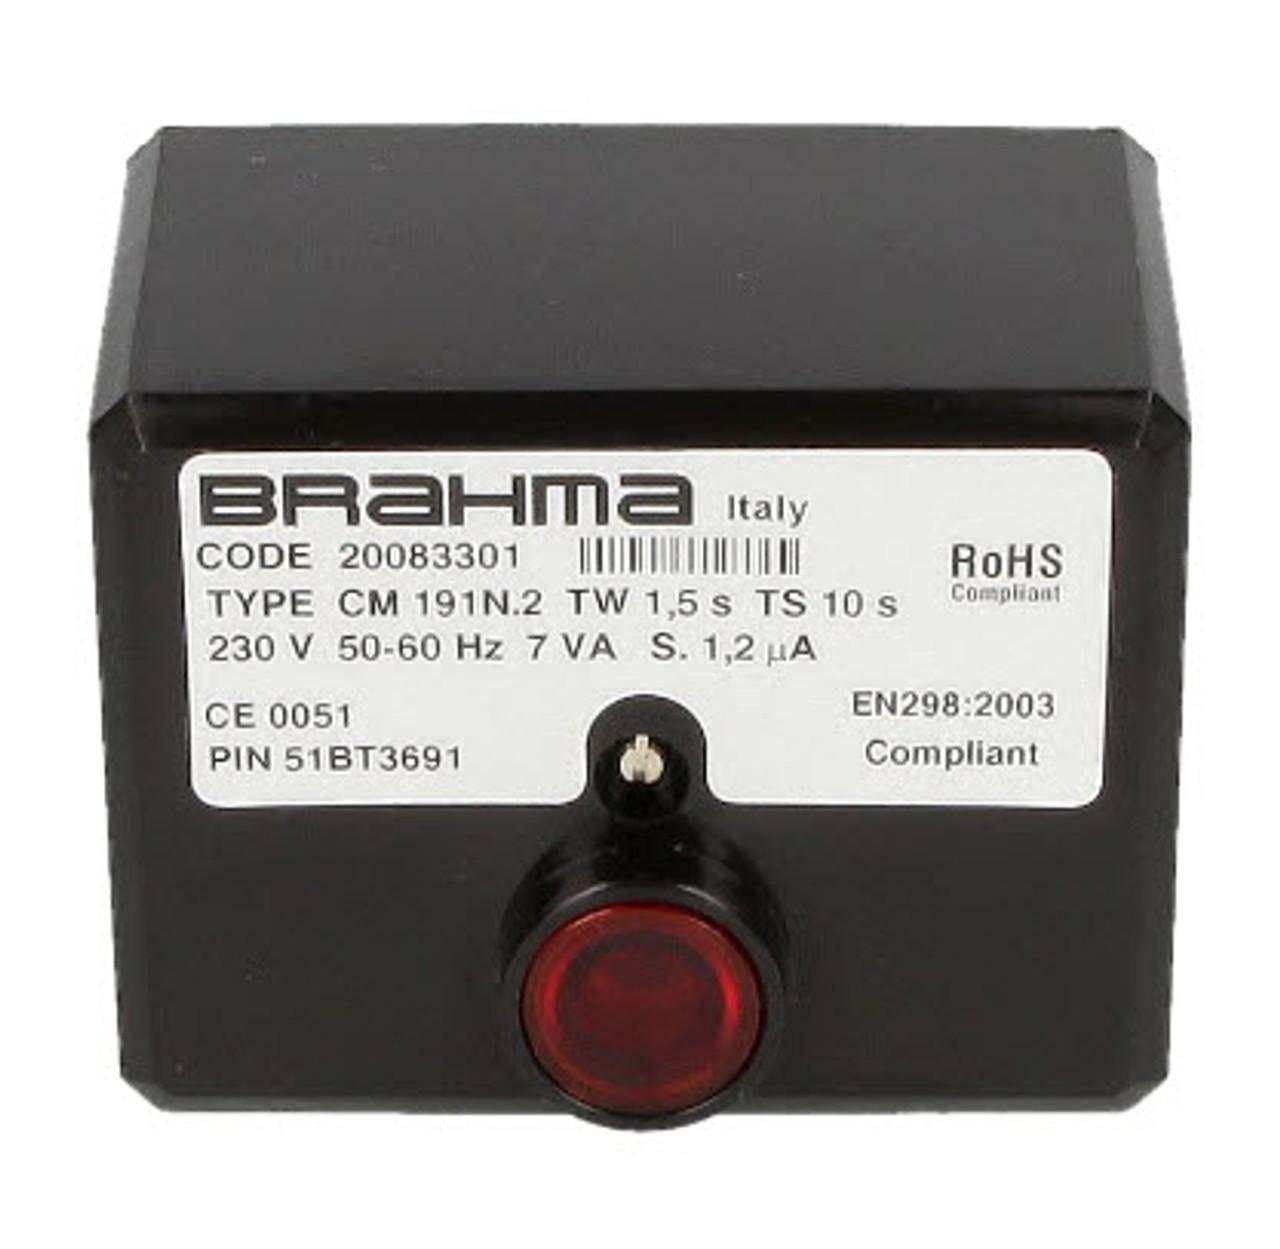 Brahma CM 191.2 20083301 Gas burner control unit